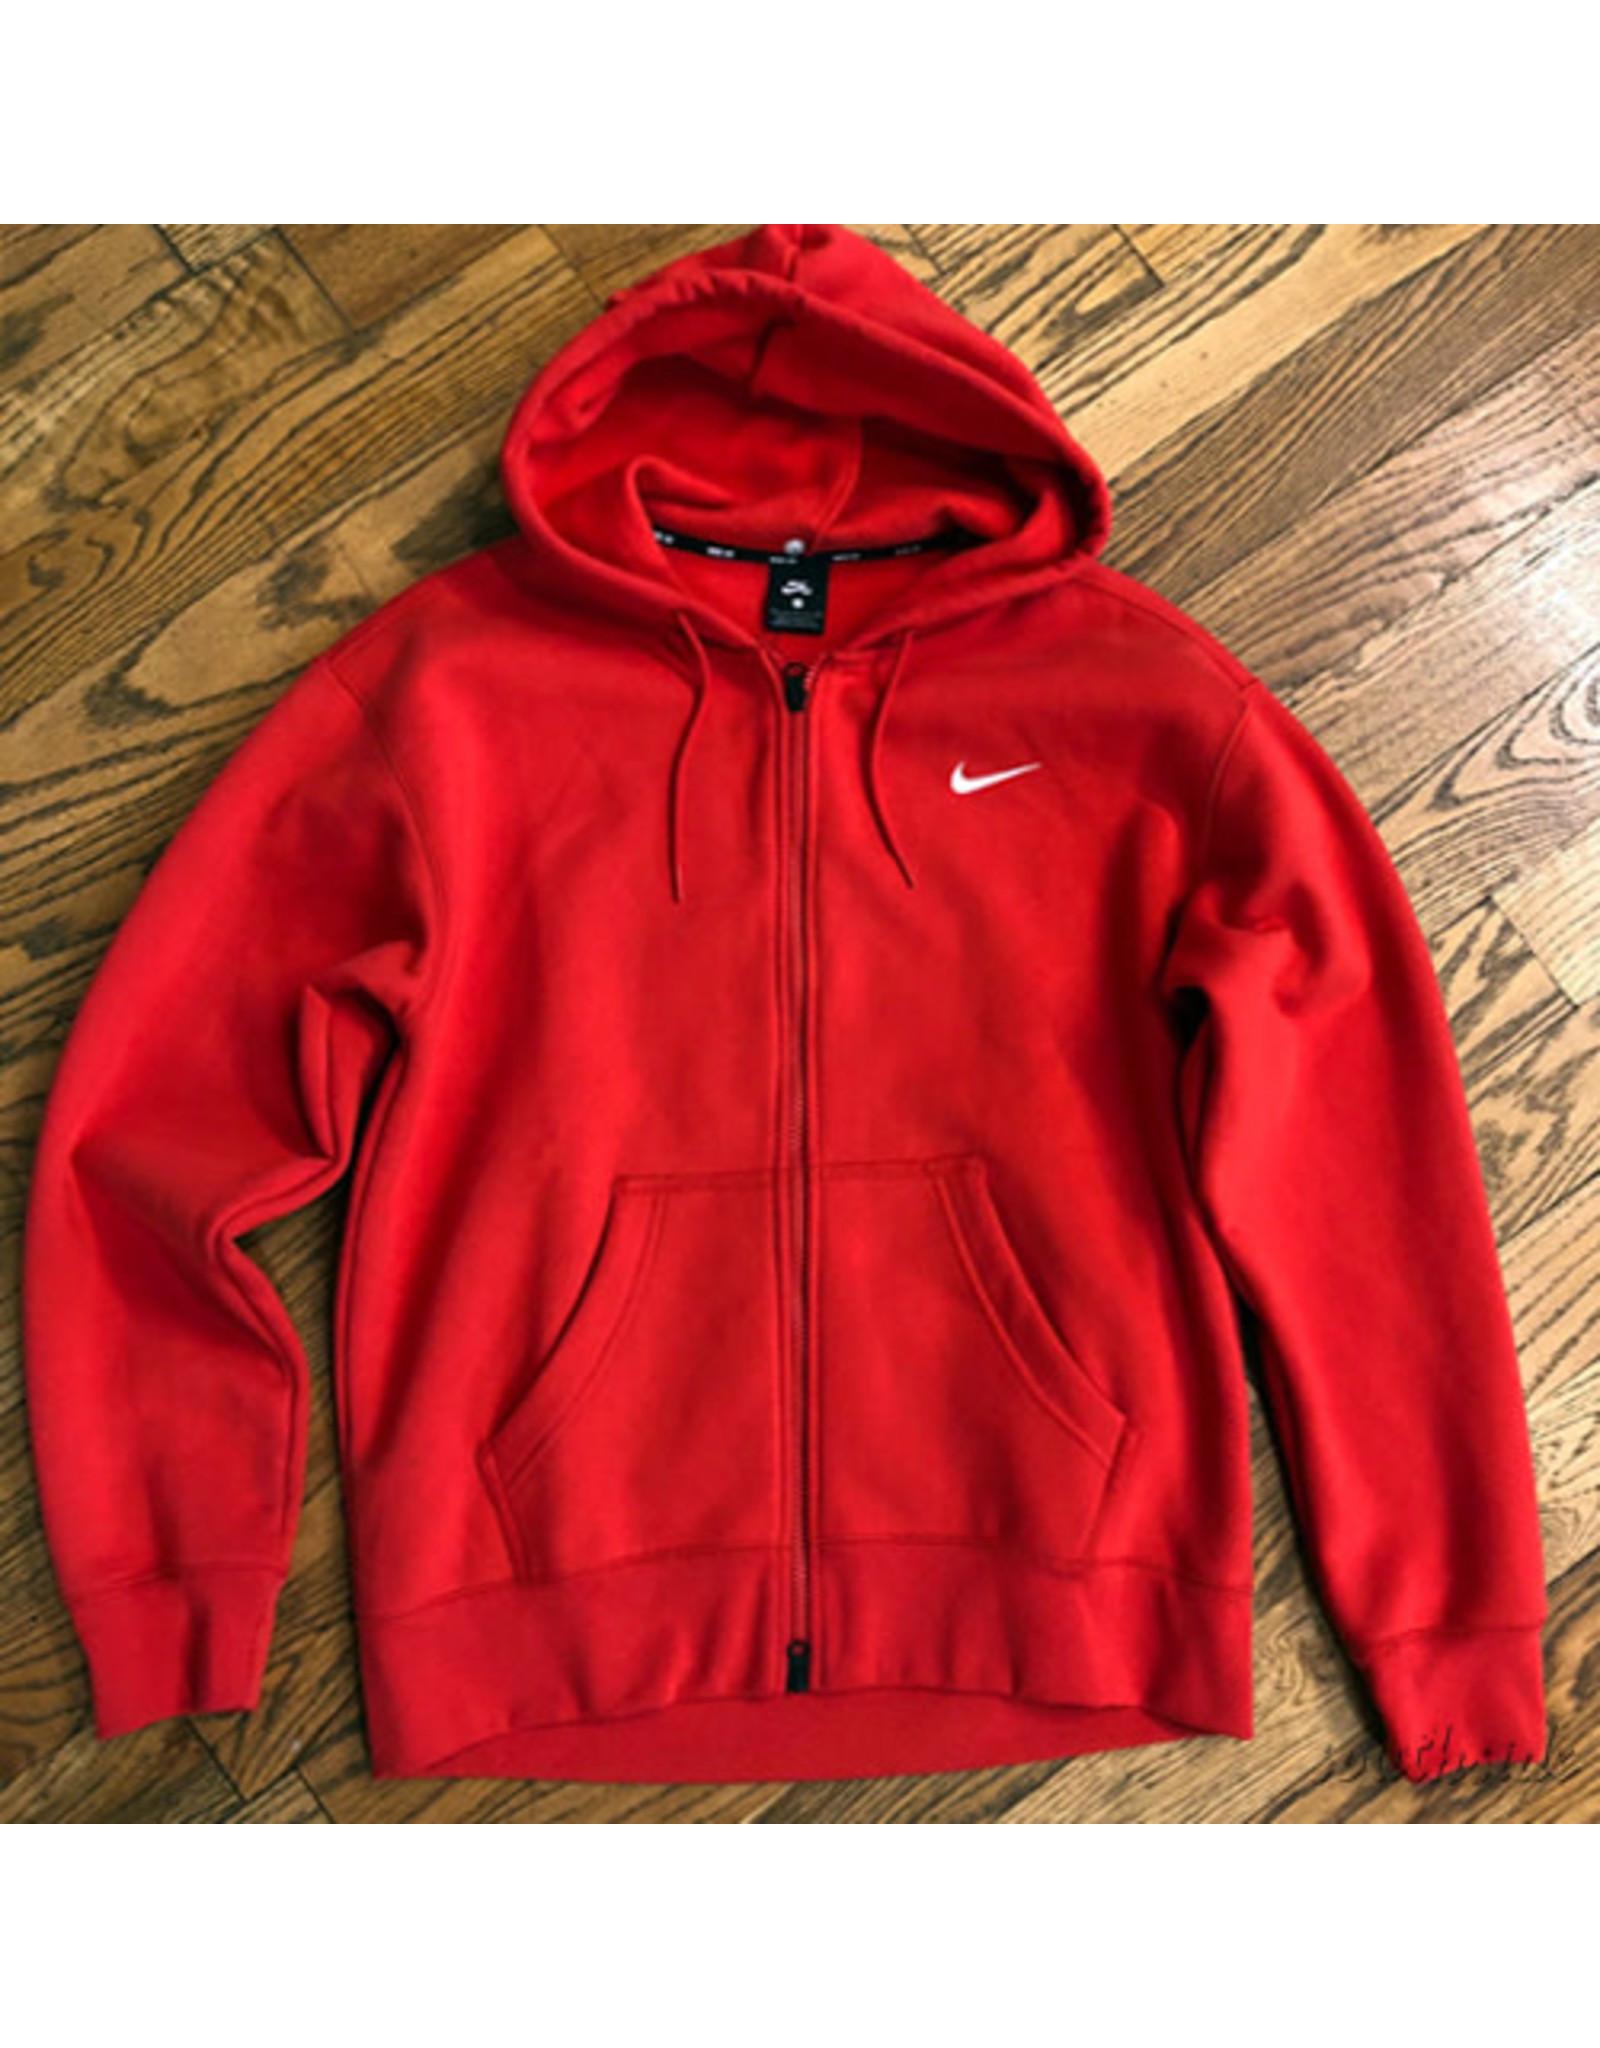 Nike Nike SB Hoodie Zip Up Red Black